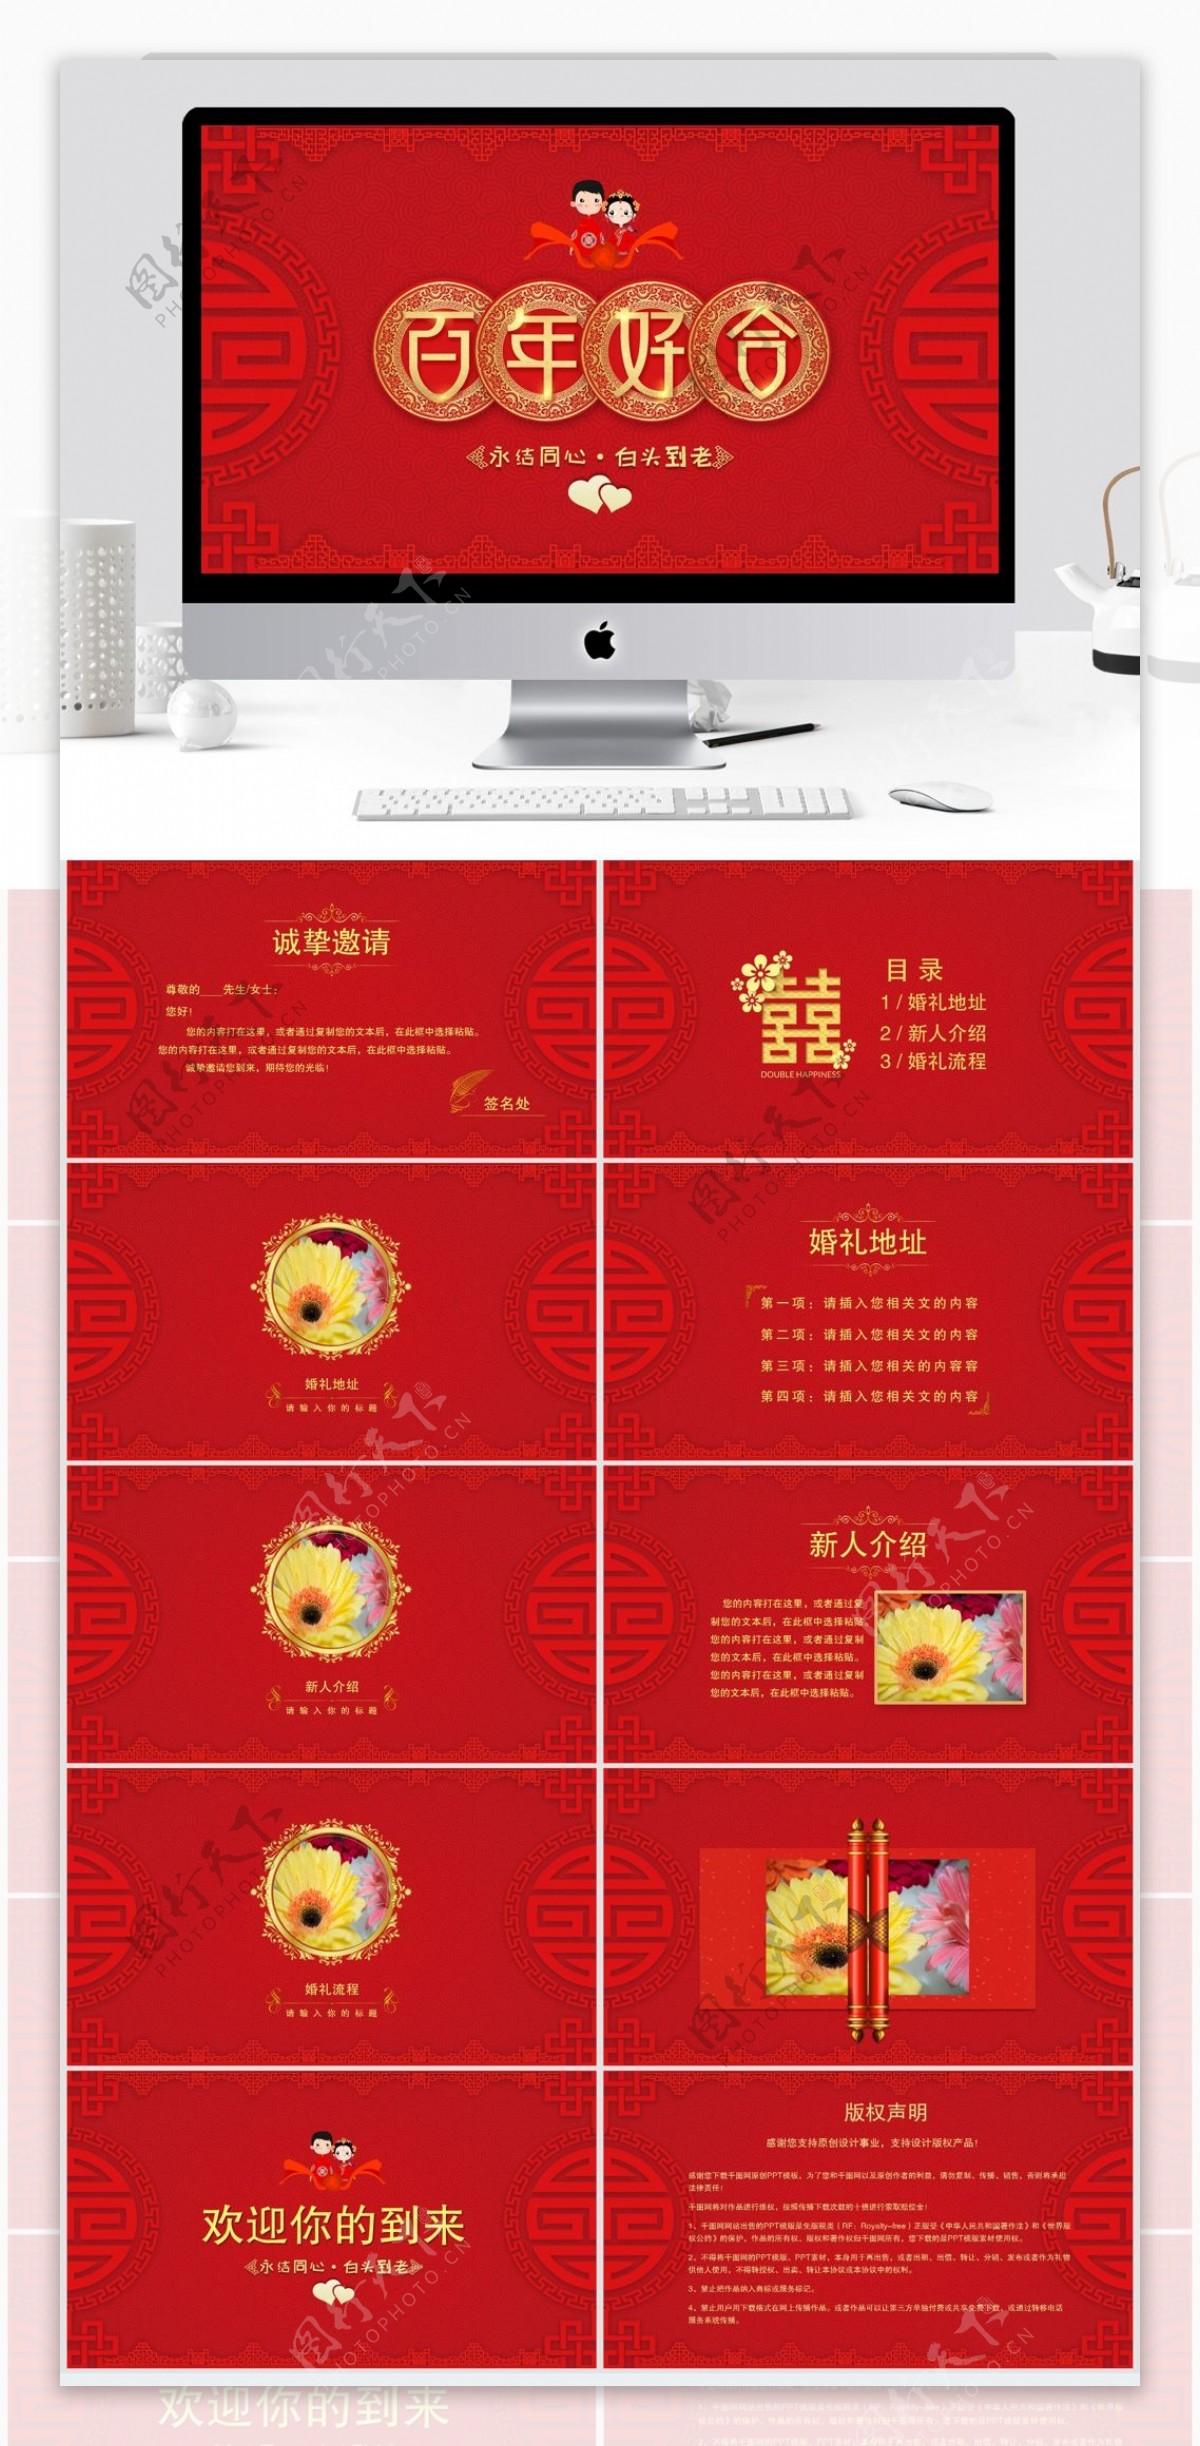 红色中国风剪纸婚礼喜事酒席邀请ppt模板